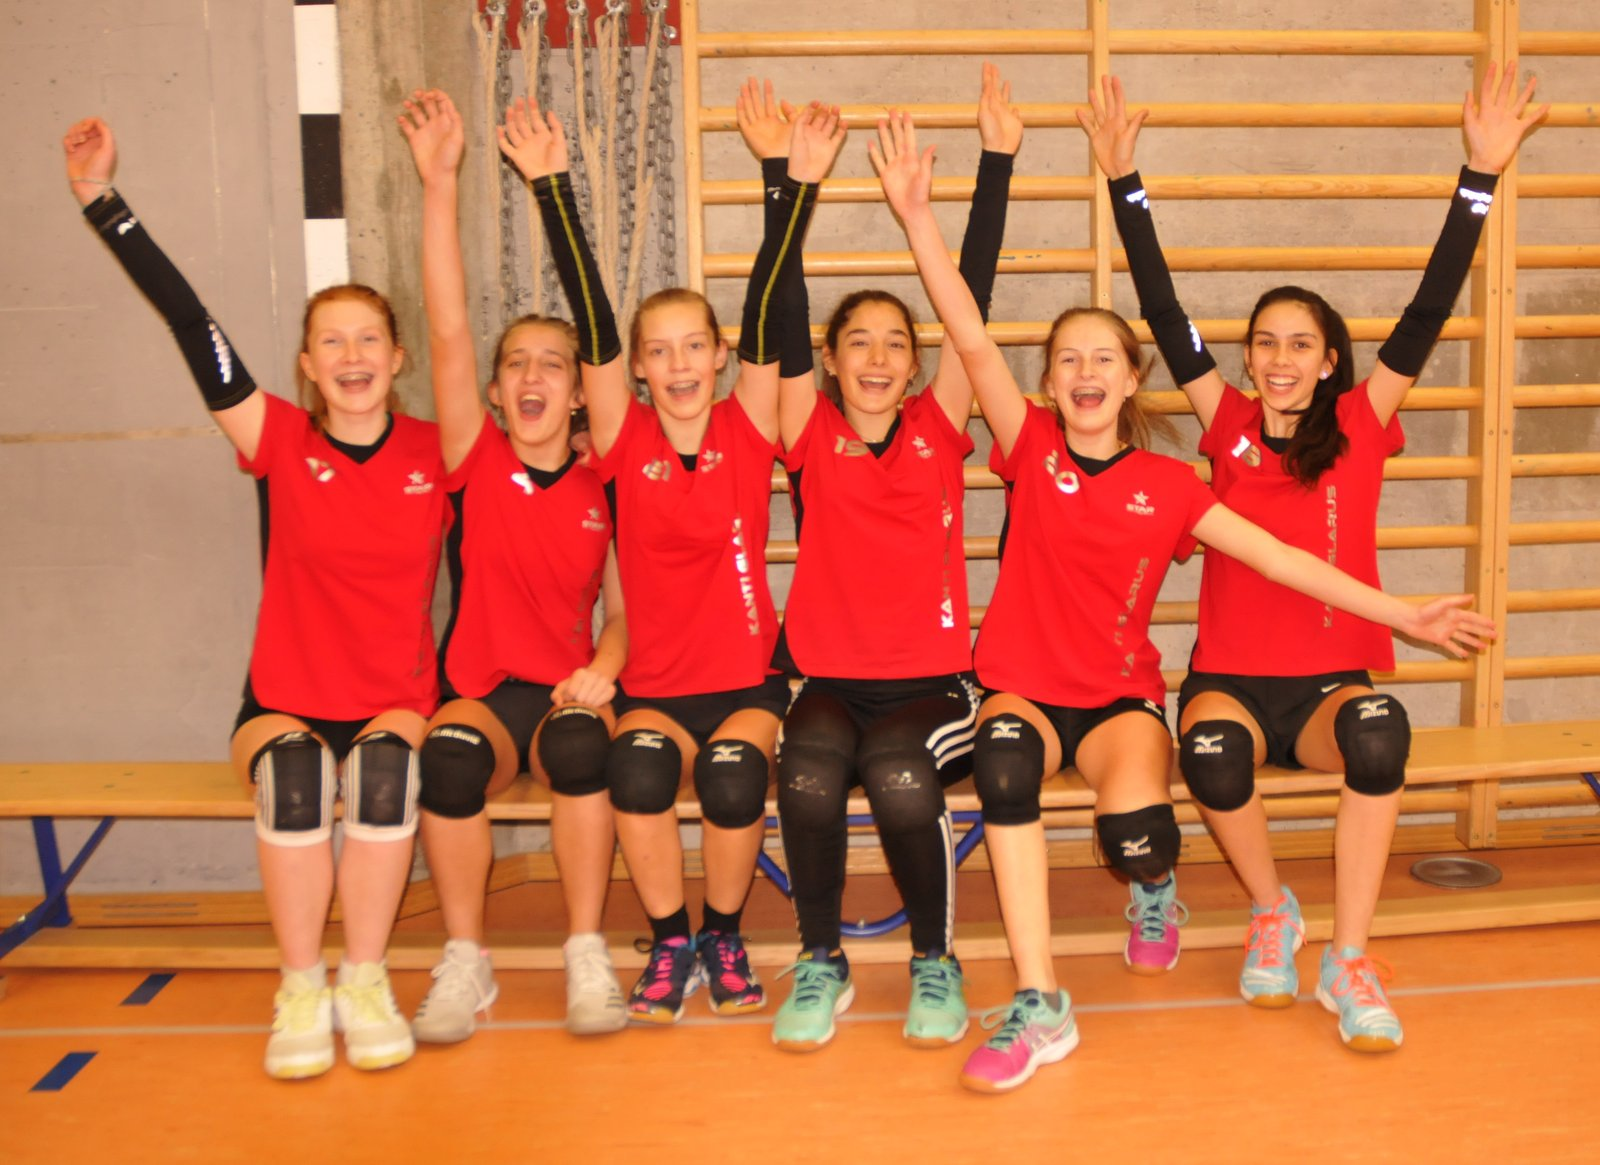 Das Siegerteam im Volleyball der der Mädchen von der Kanti Glarus